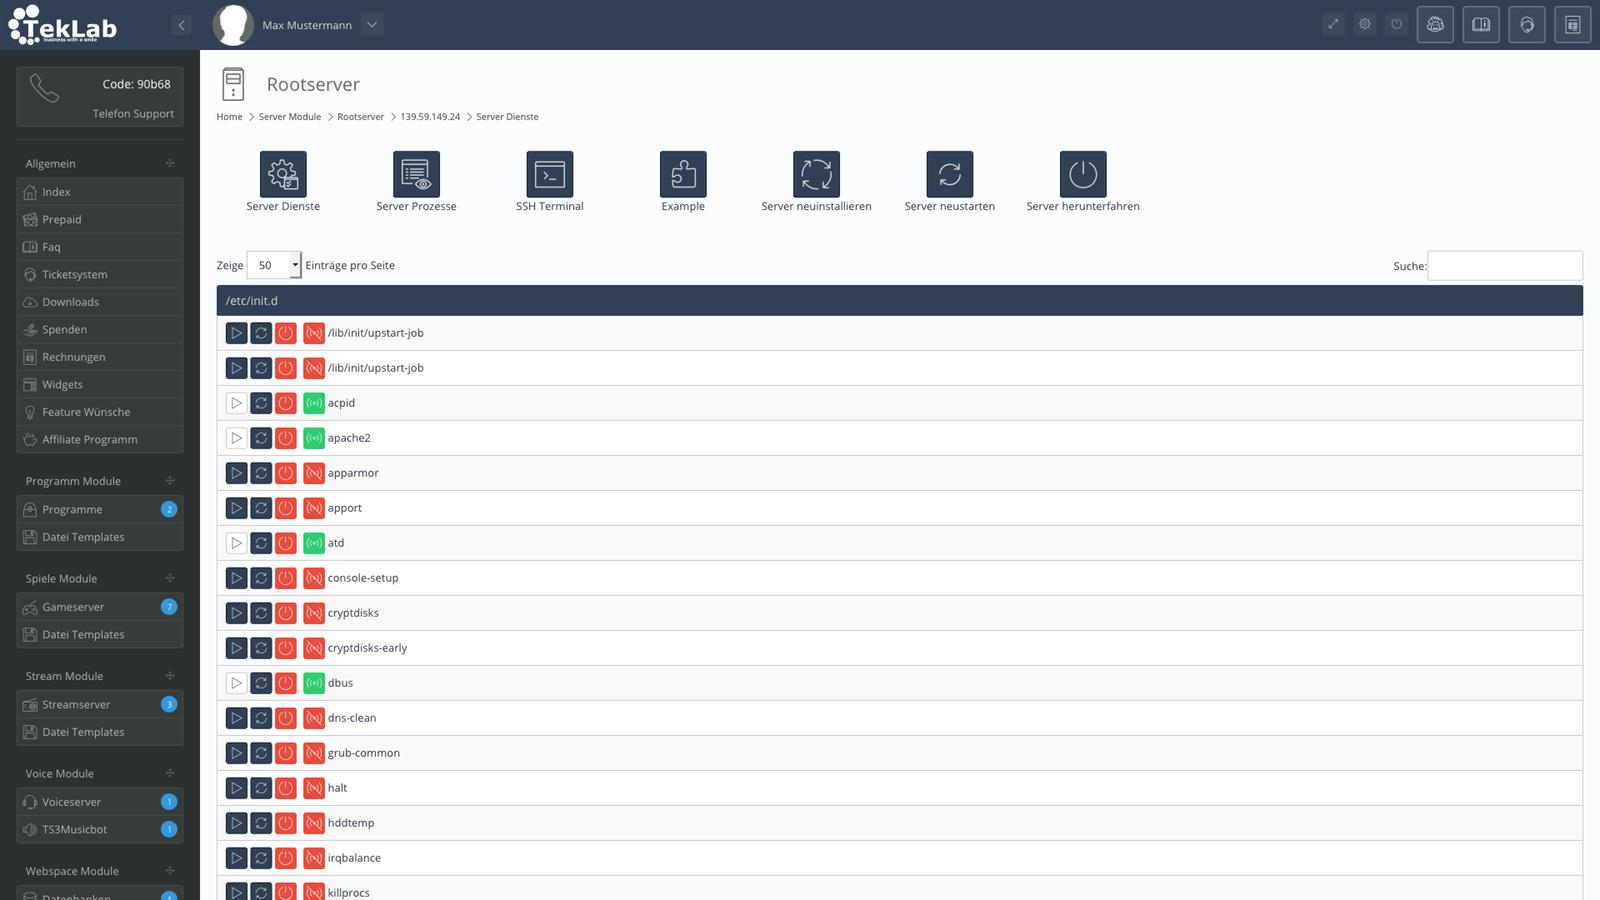 TekBASE Kundenbereich - Server Dienste